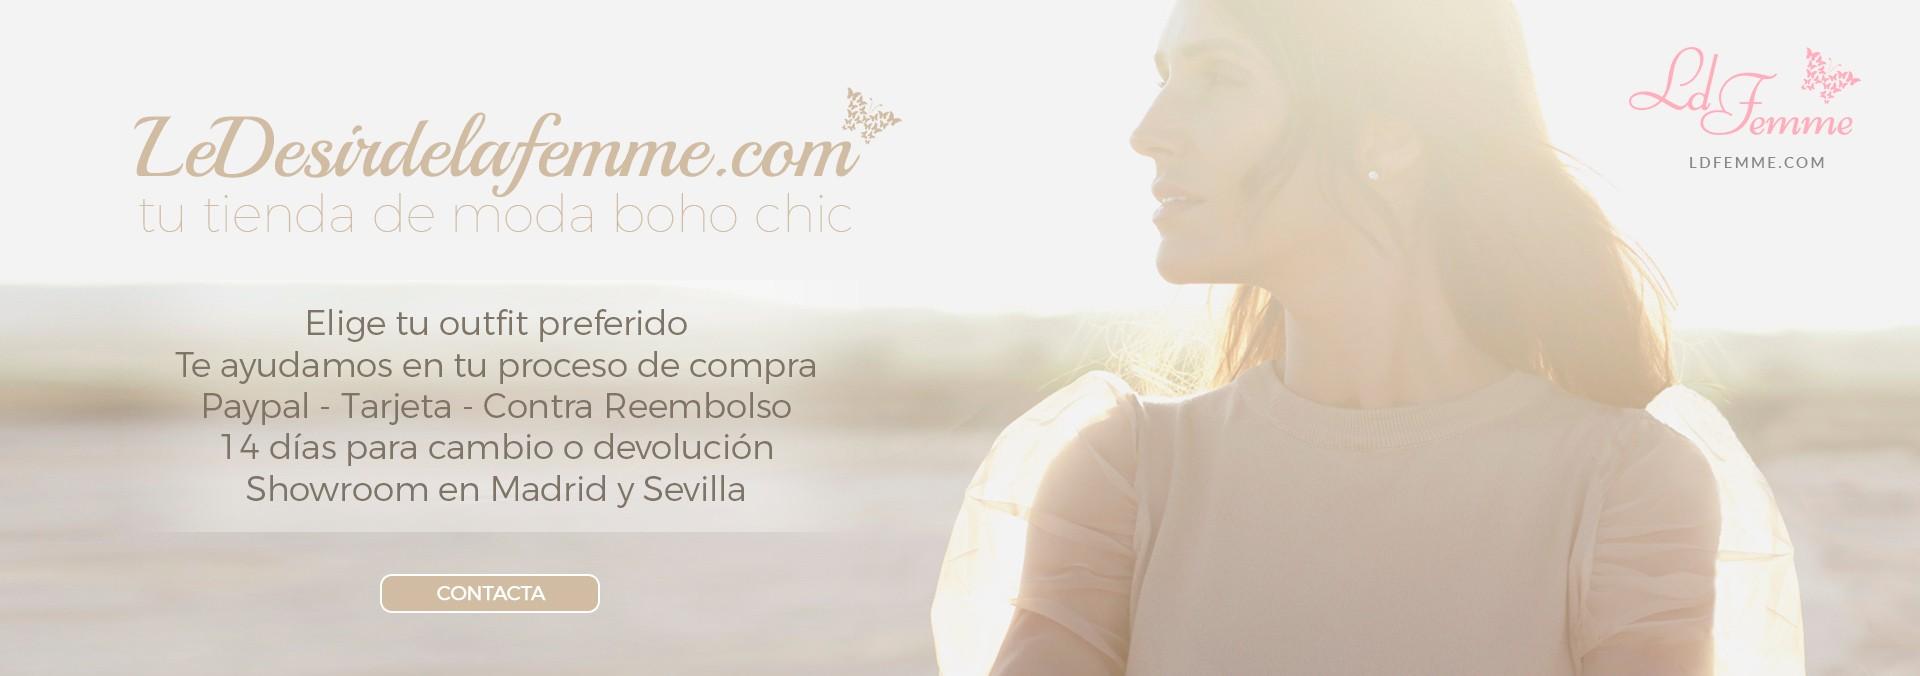 Contacta con Ldfemme.com